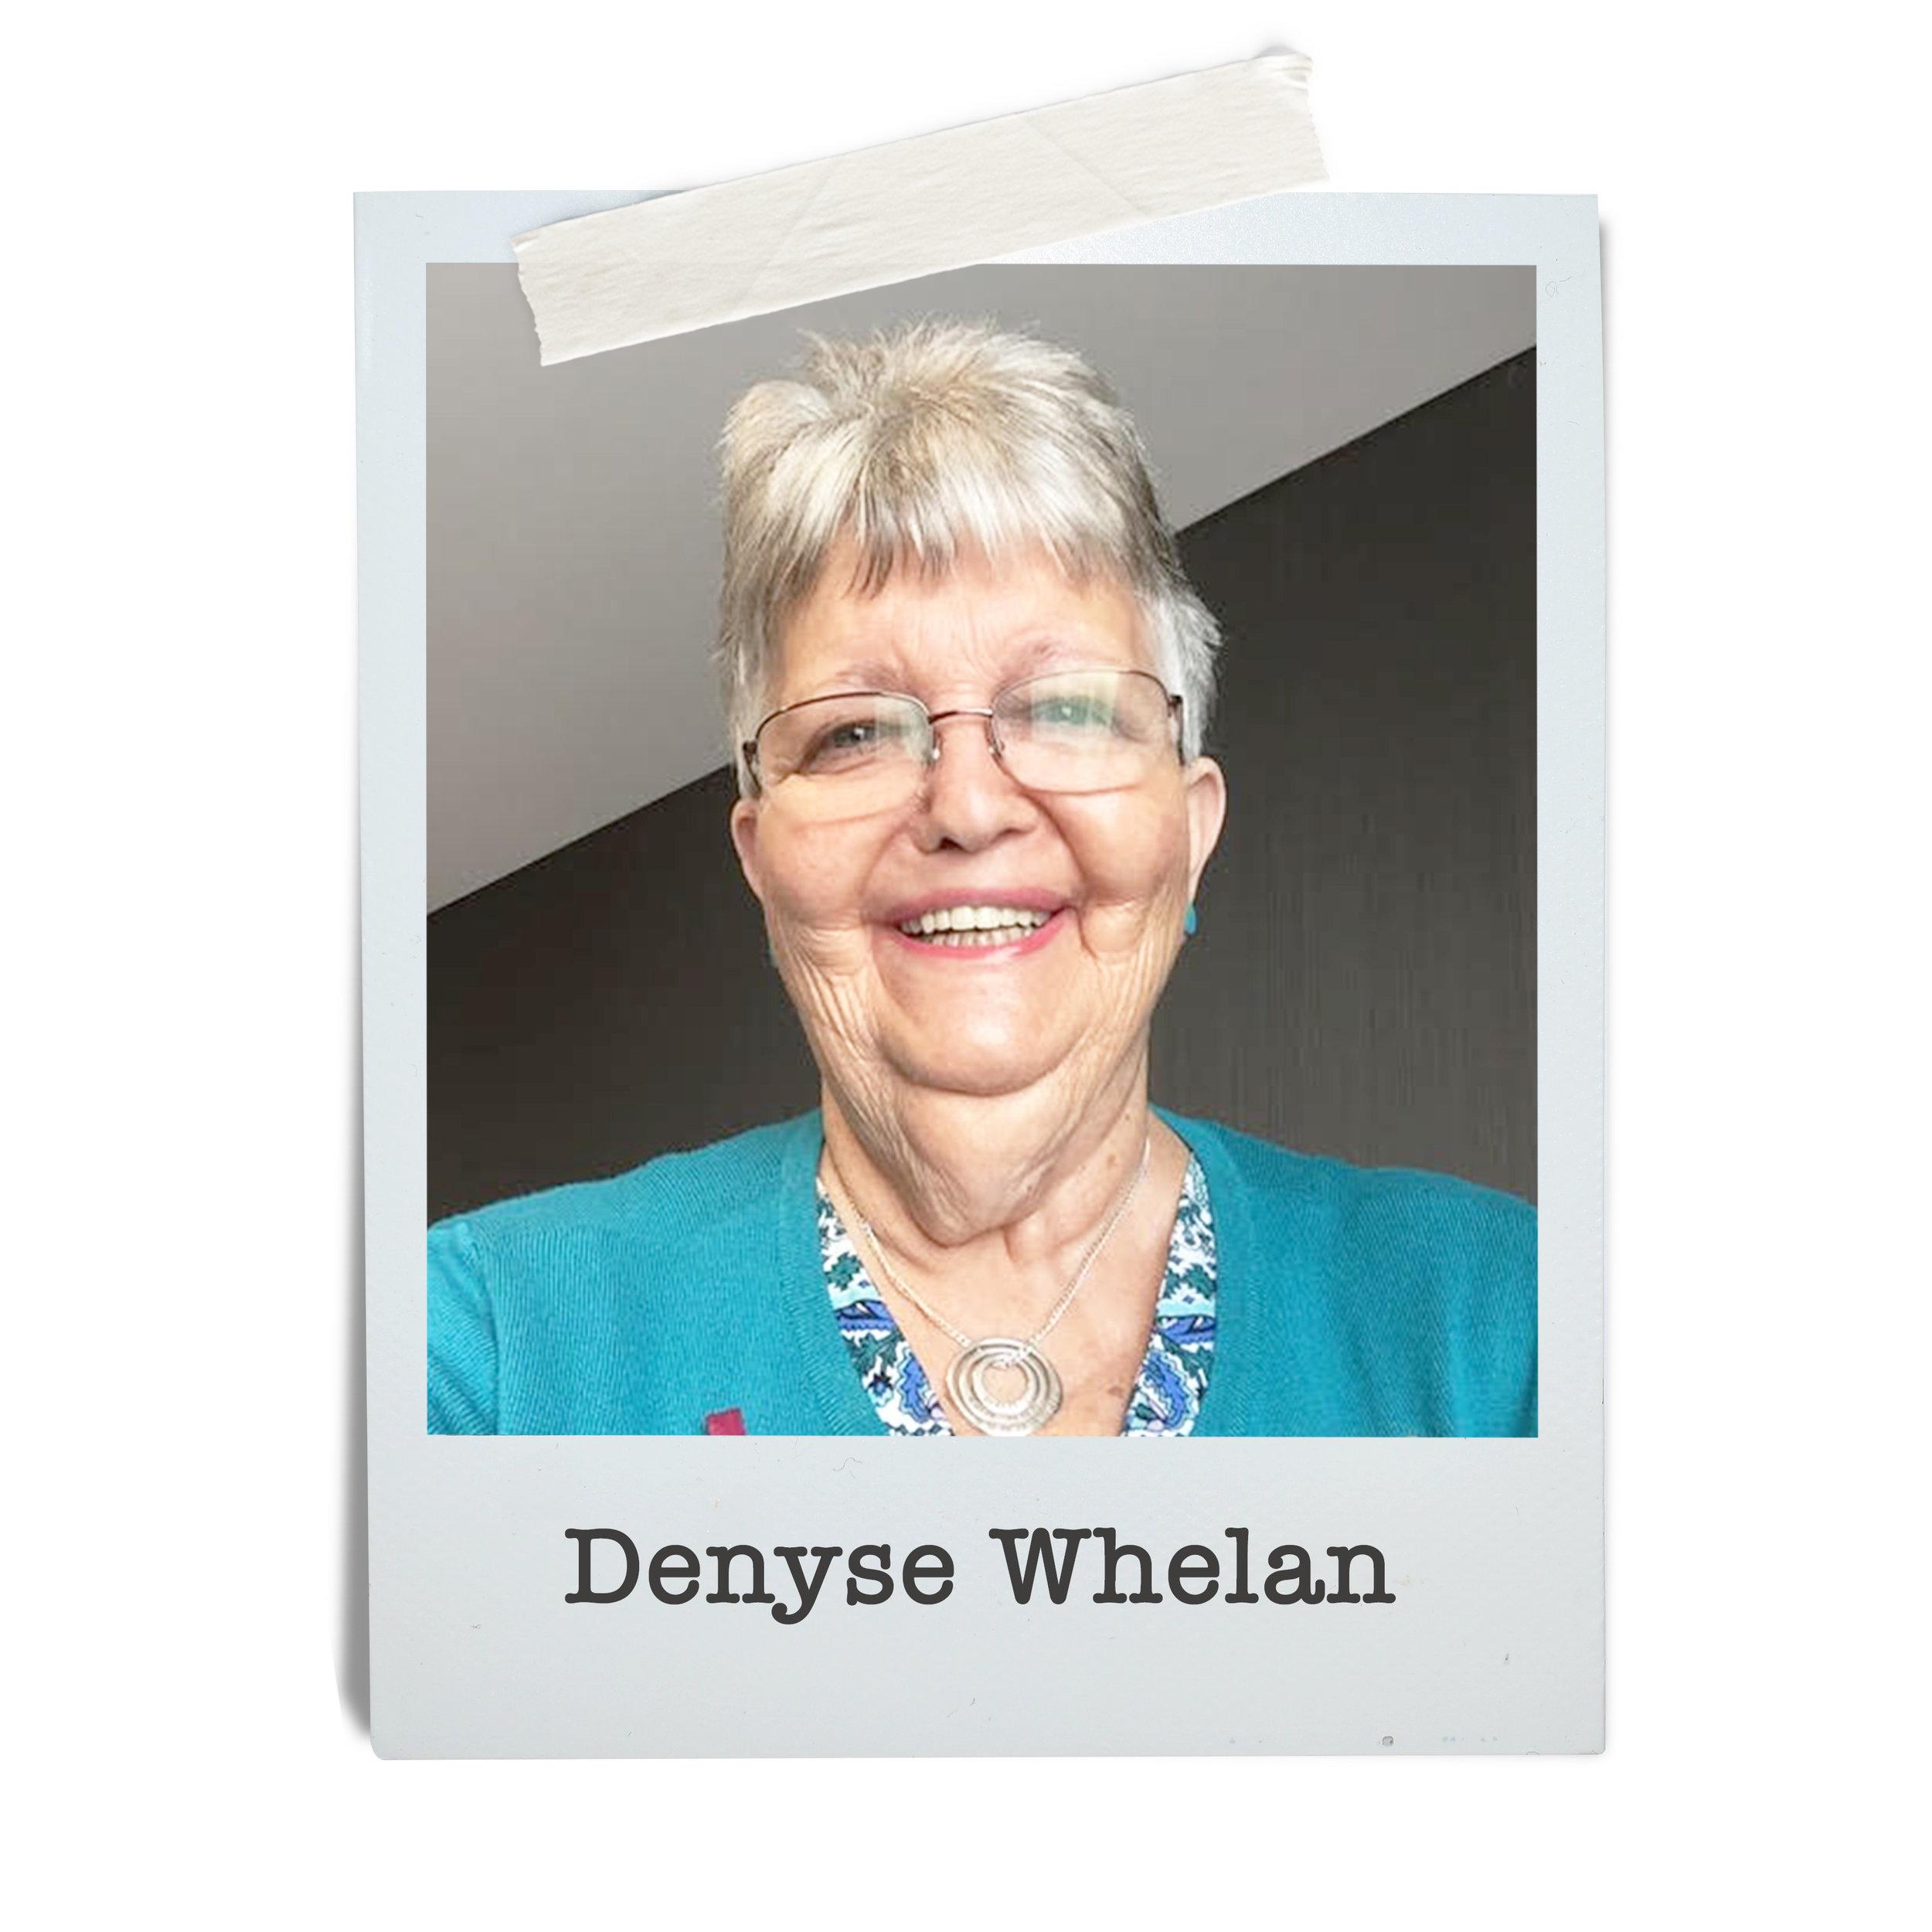 denyse-whelan1.jpg